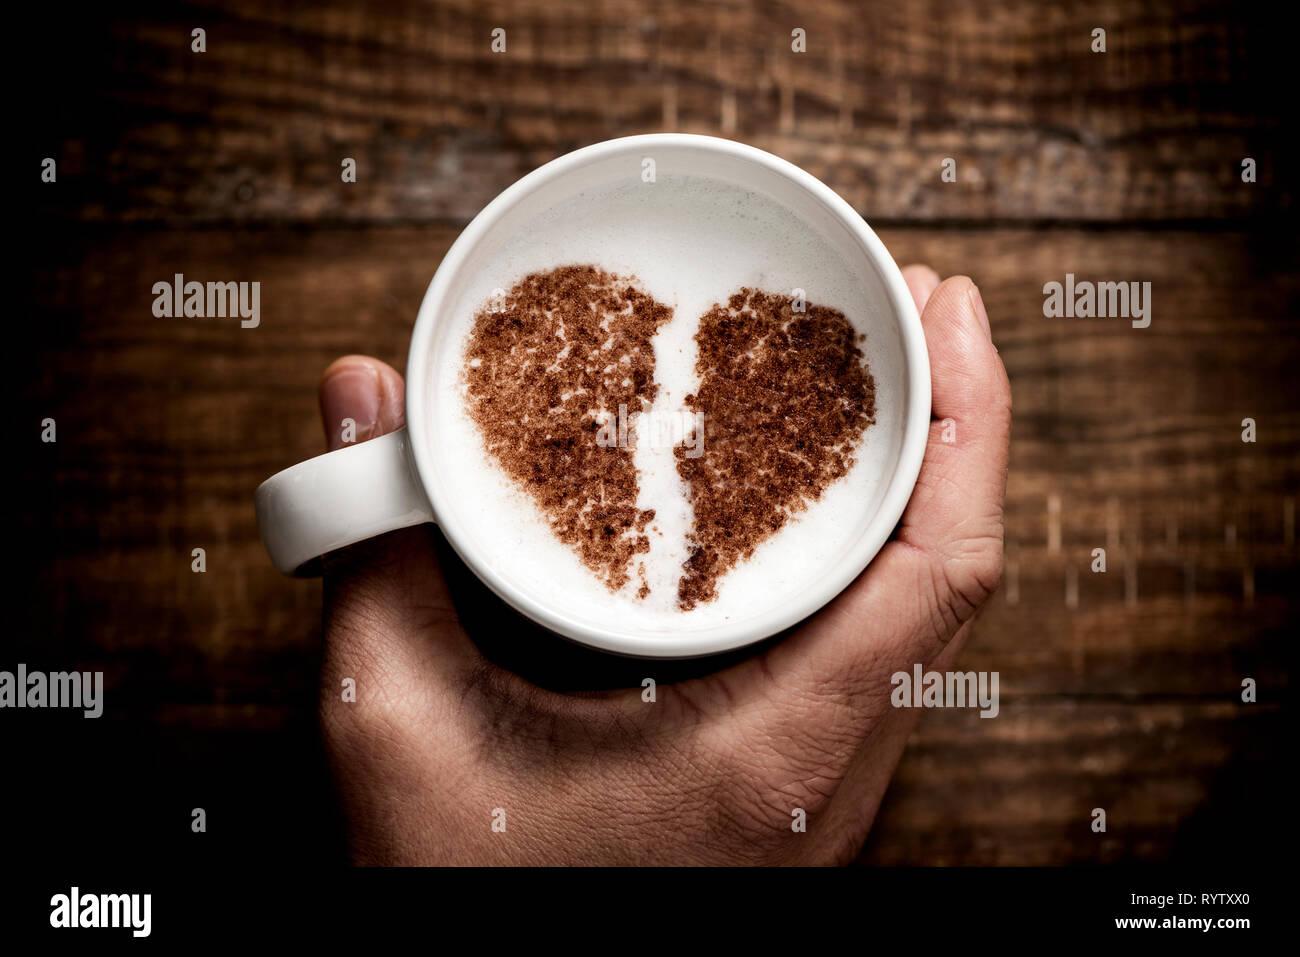 Elevato angolo di visione di un uomo caucasico tenendo un bianco di ceramica tazza di cappuccino, con un cuore spezzato disegnato con il cacao in polvere sulla sua schiuma di latte, su un rusti Immagini Stock